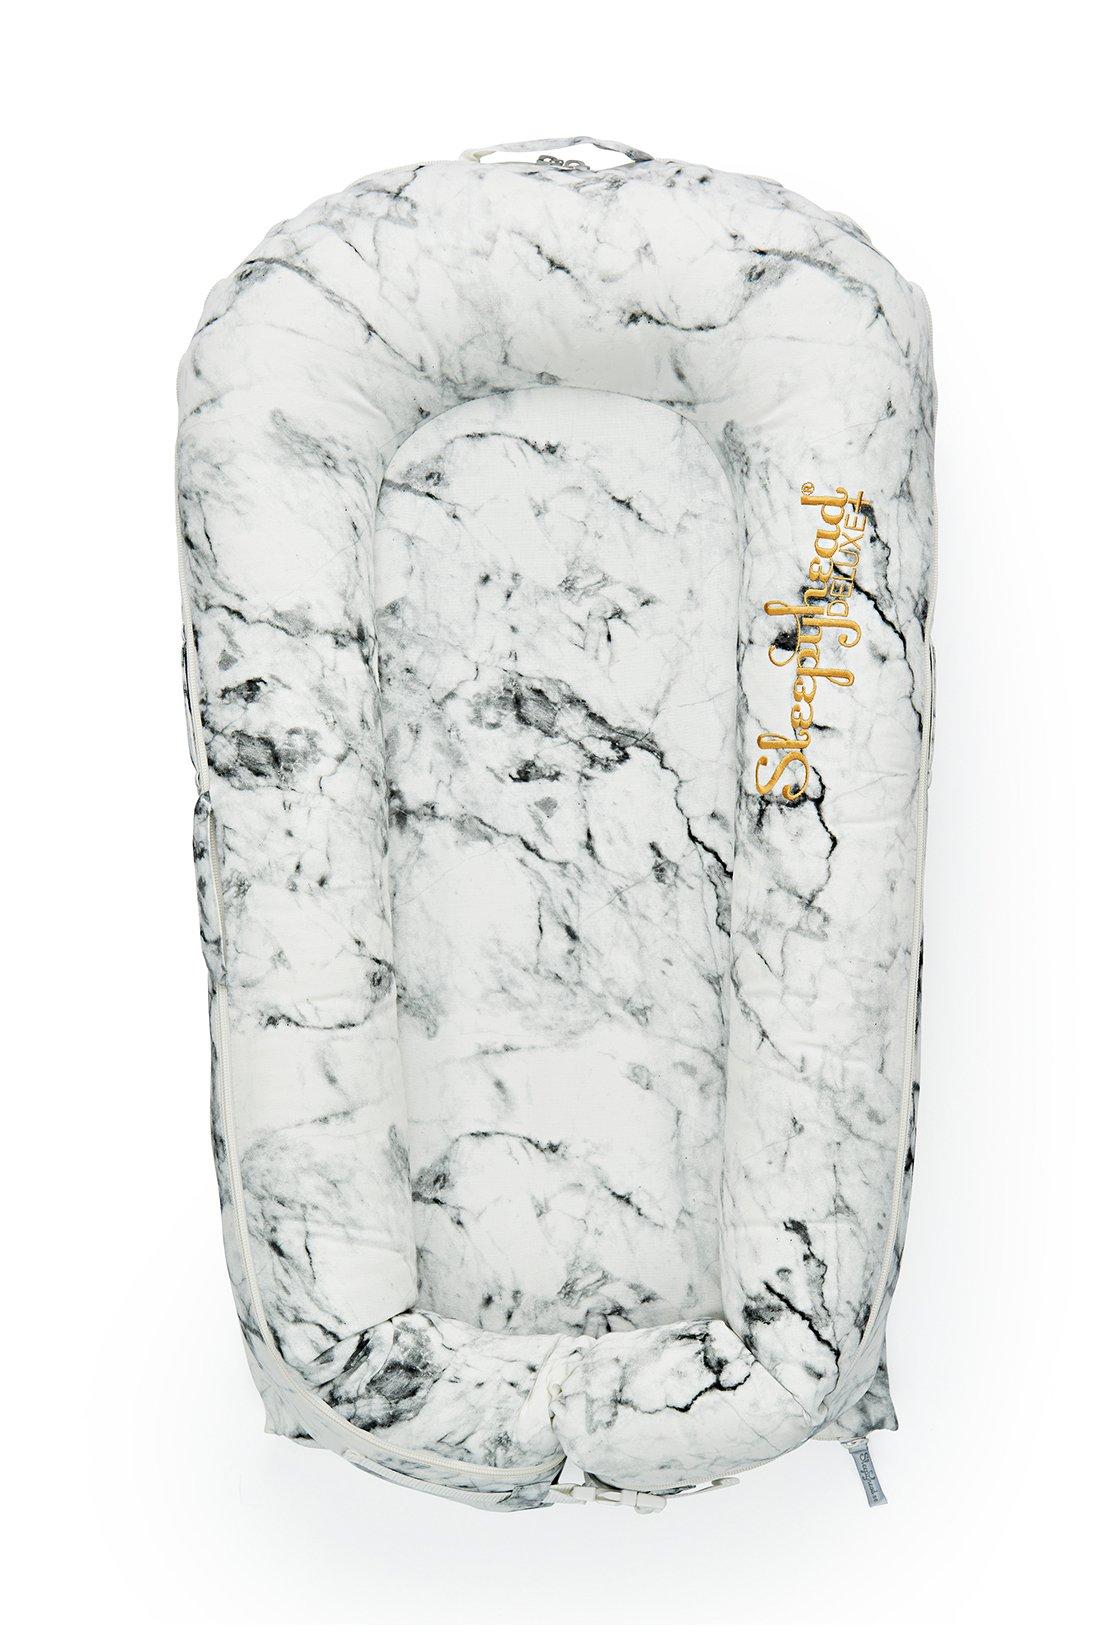 Sleepyhead baby dock in Carrara marble texture